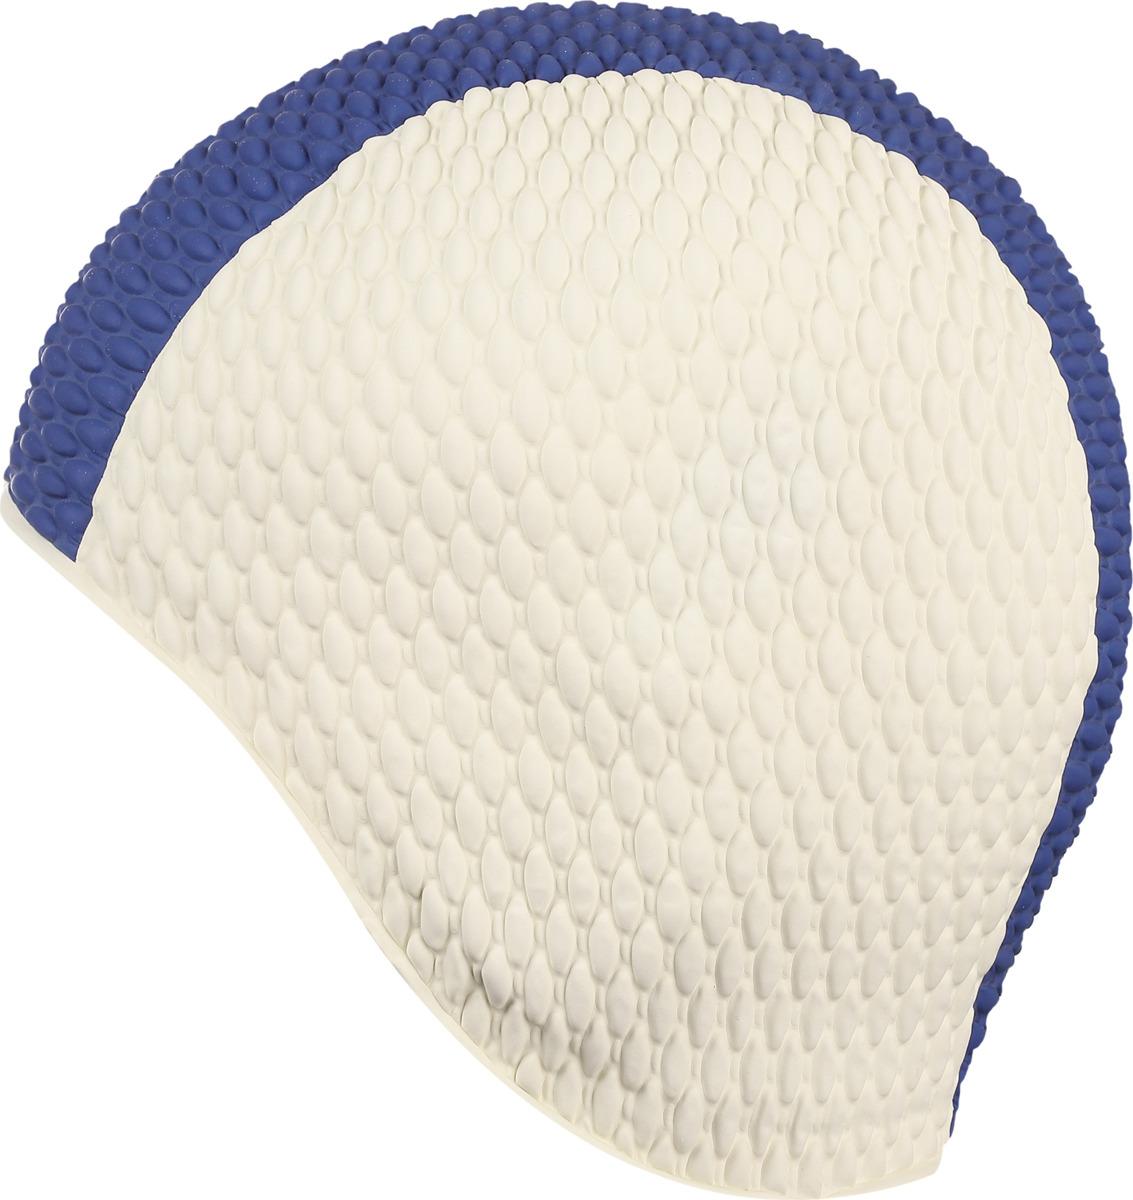 Шапочка для плавания Indigo Bubble, мужская, цвет: синий, белый шапочка для плавания indigo silicone 3d форма цвет белый